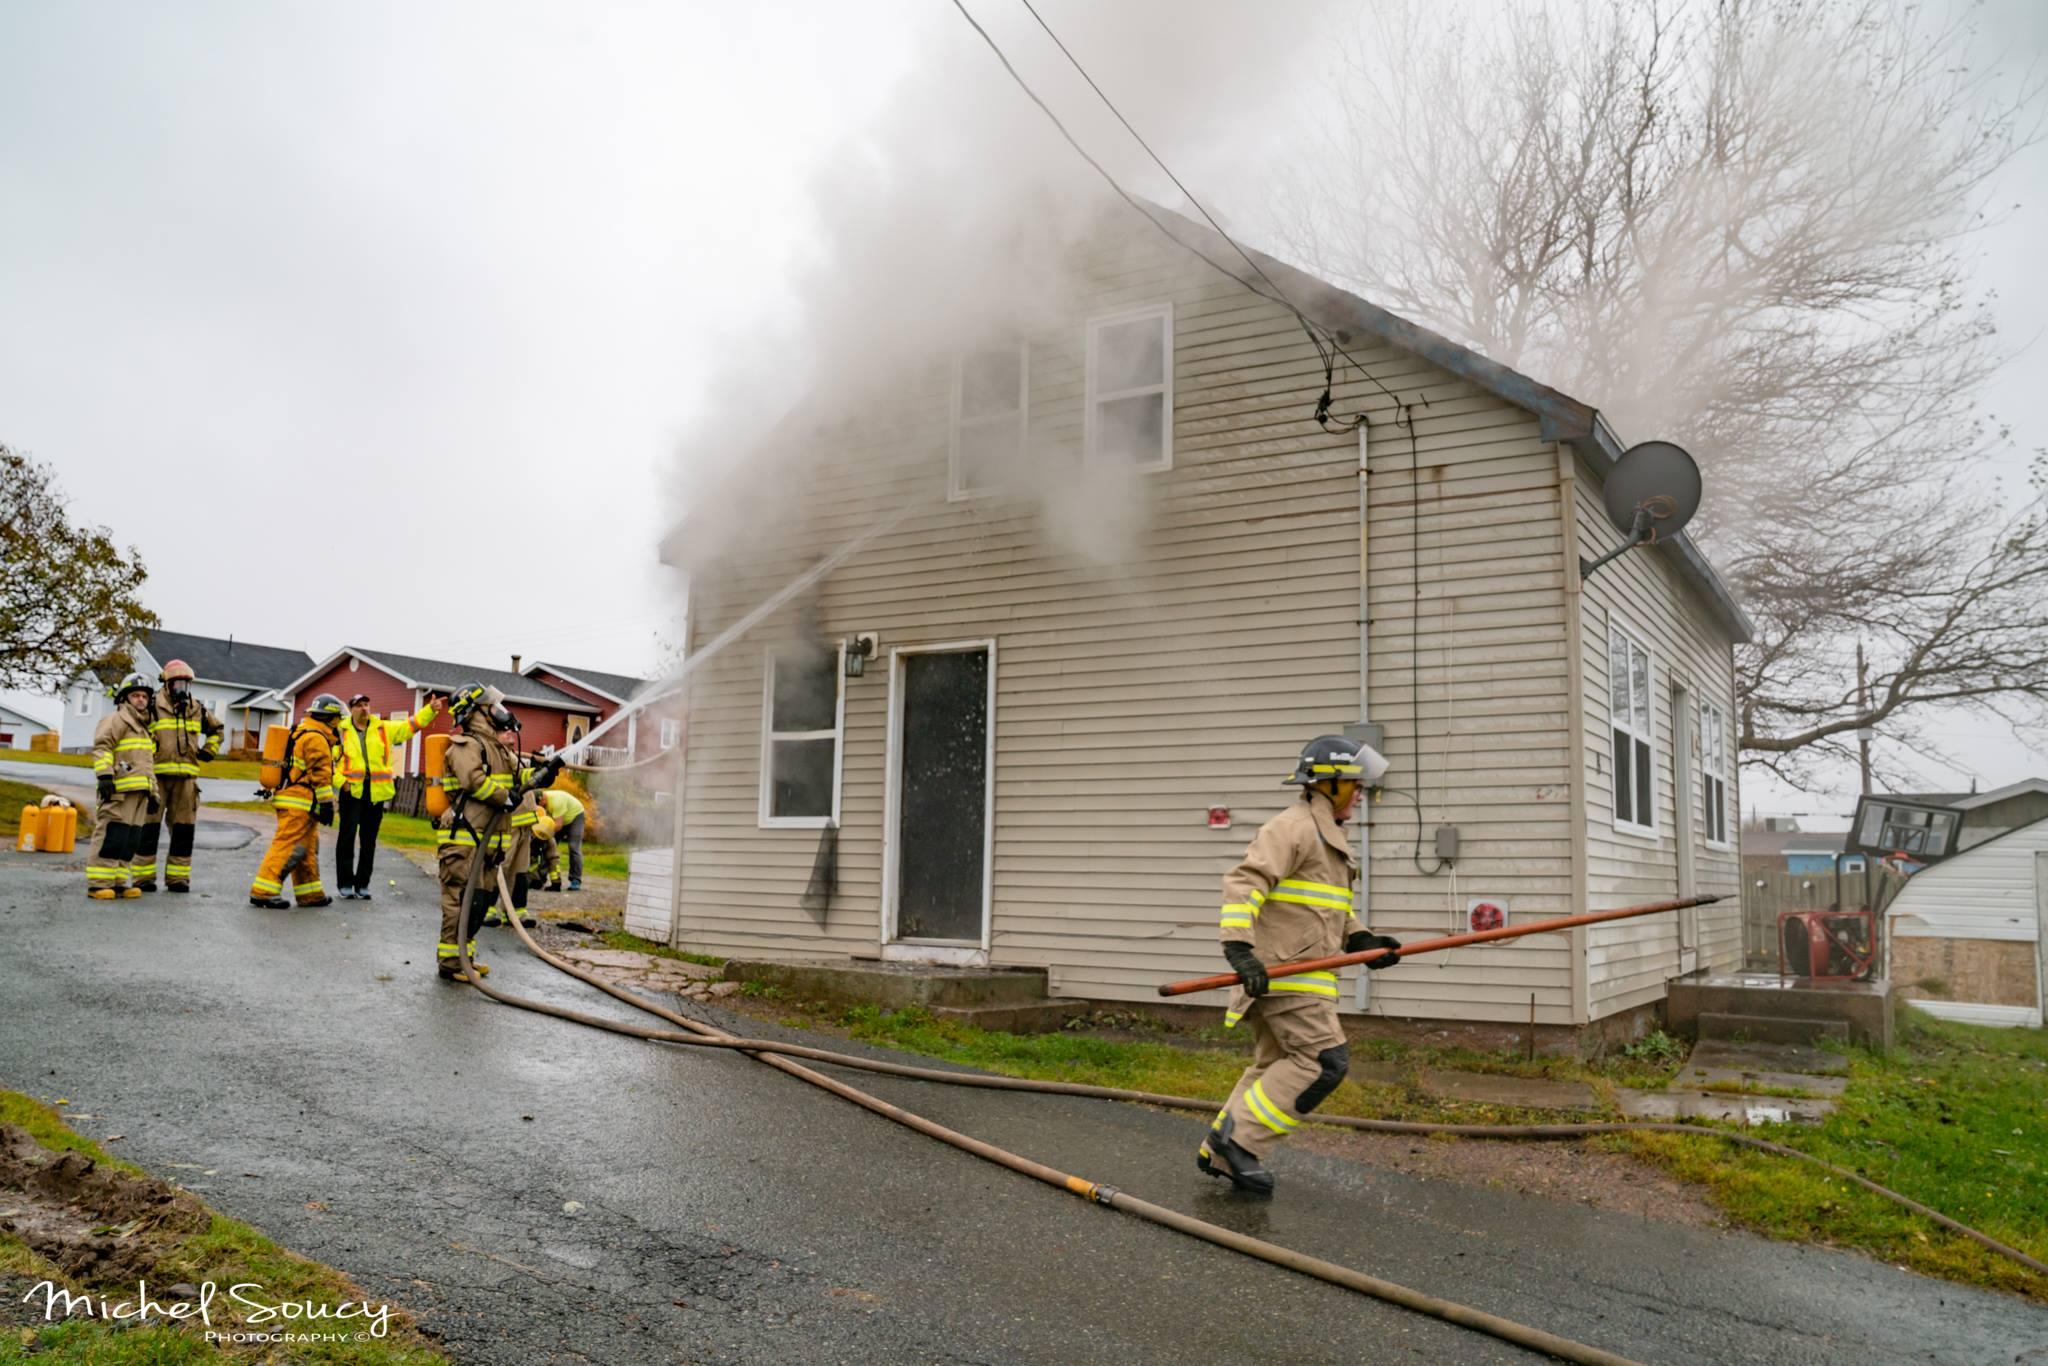 Fire crews respond to Cheticamp fire